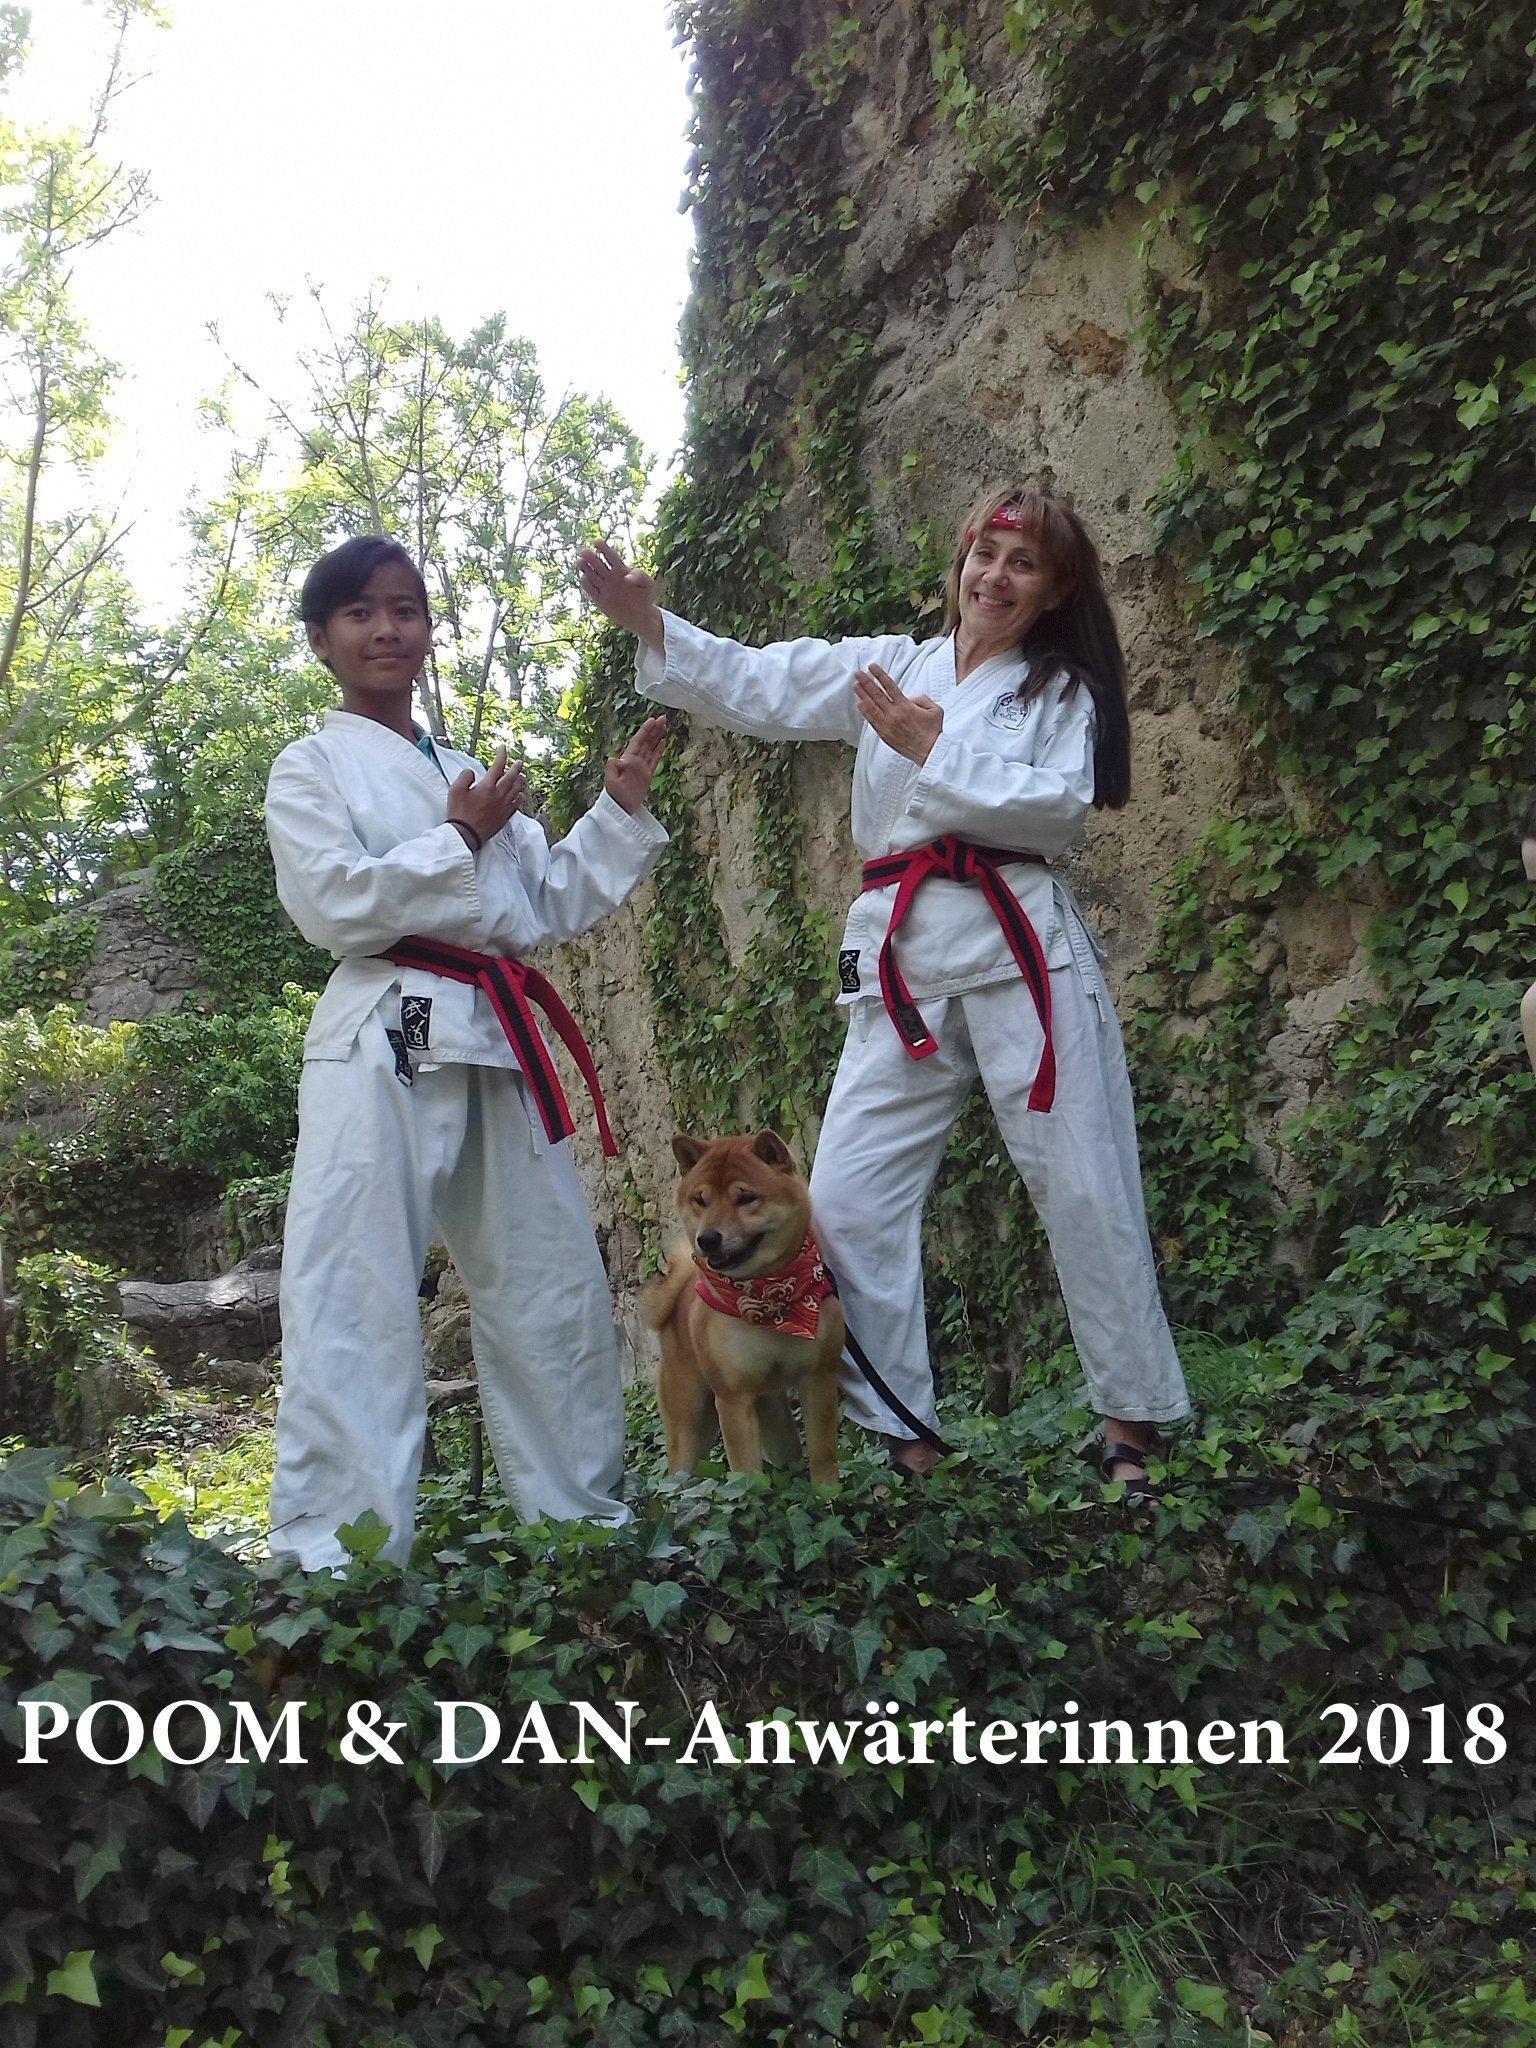 Bild zu POOM- & DAN-Anwärterinnen Nagisa und Reinhild